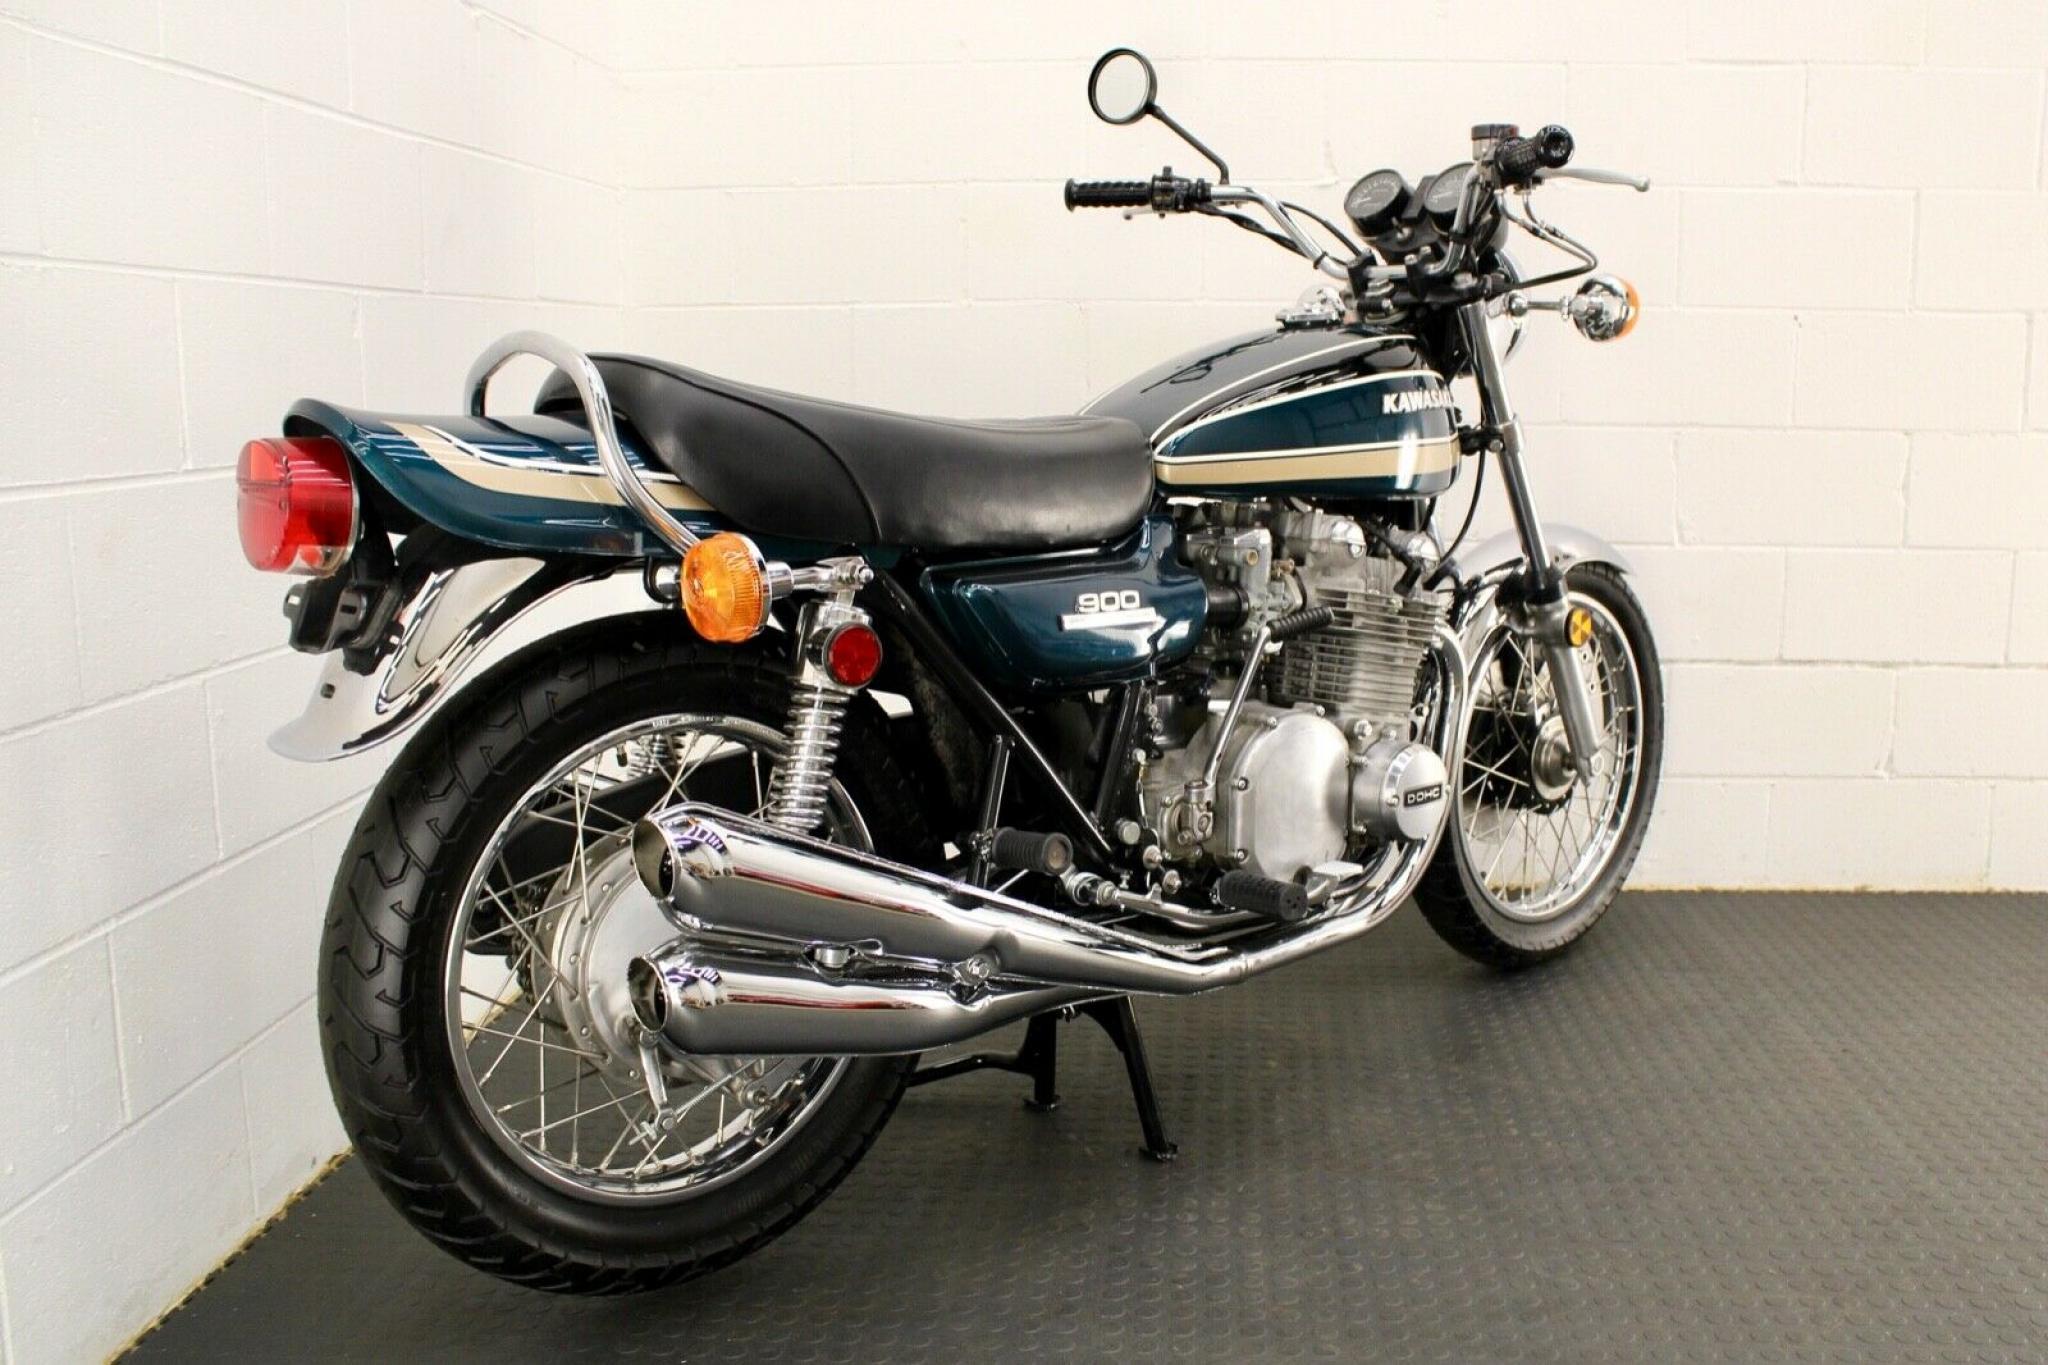 カワサキ 1974 Kawasaki Z1 A 900 車体写真6